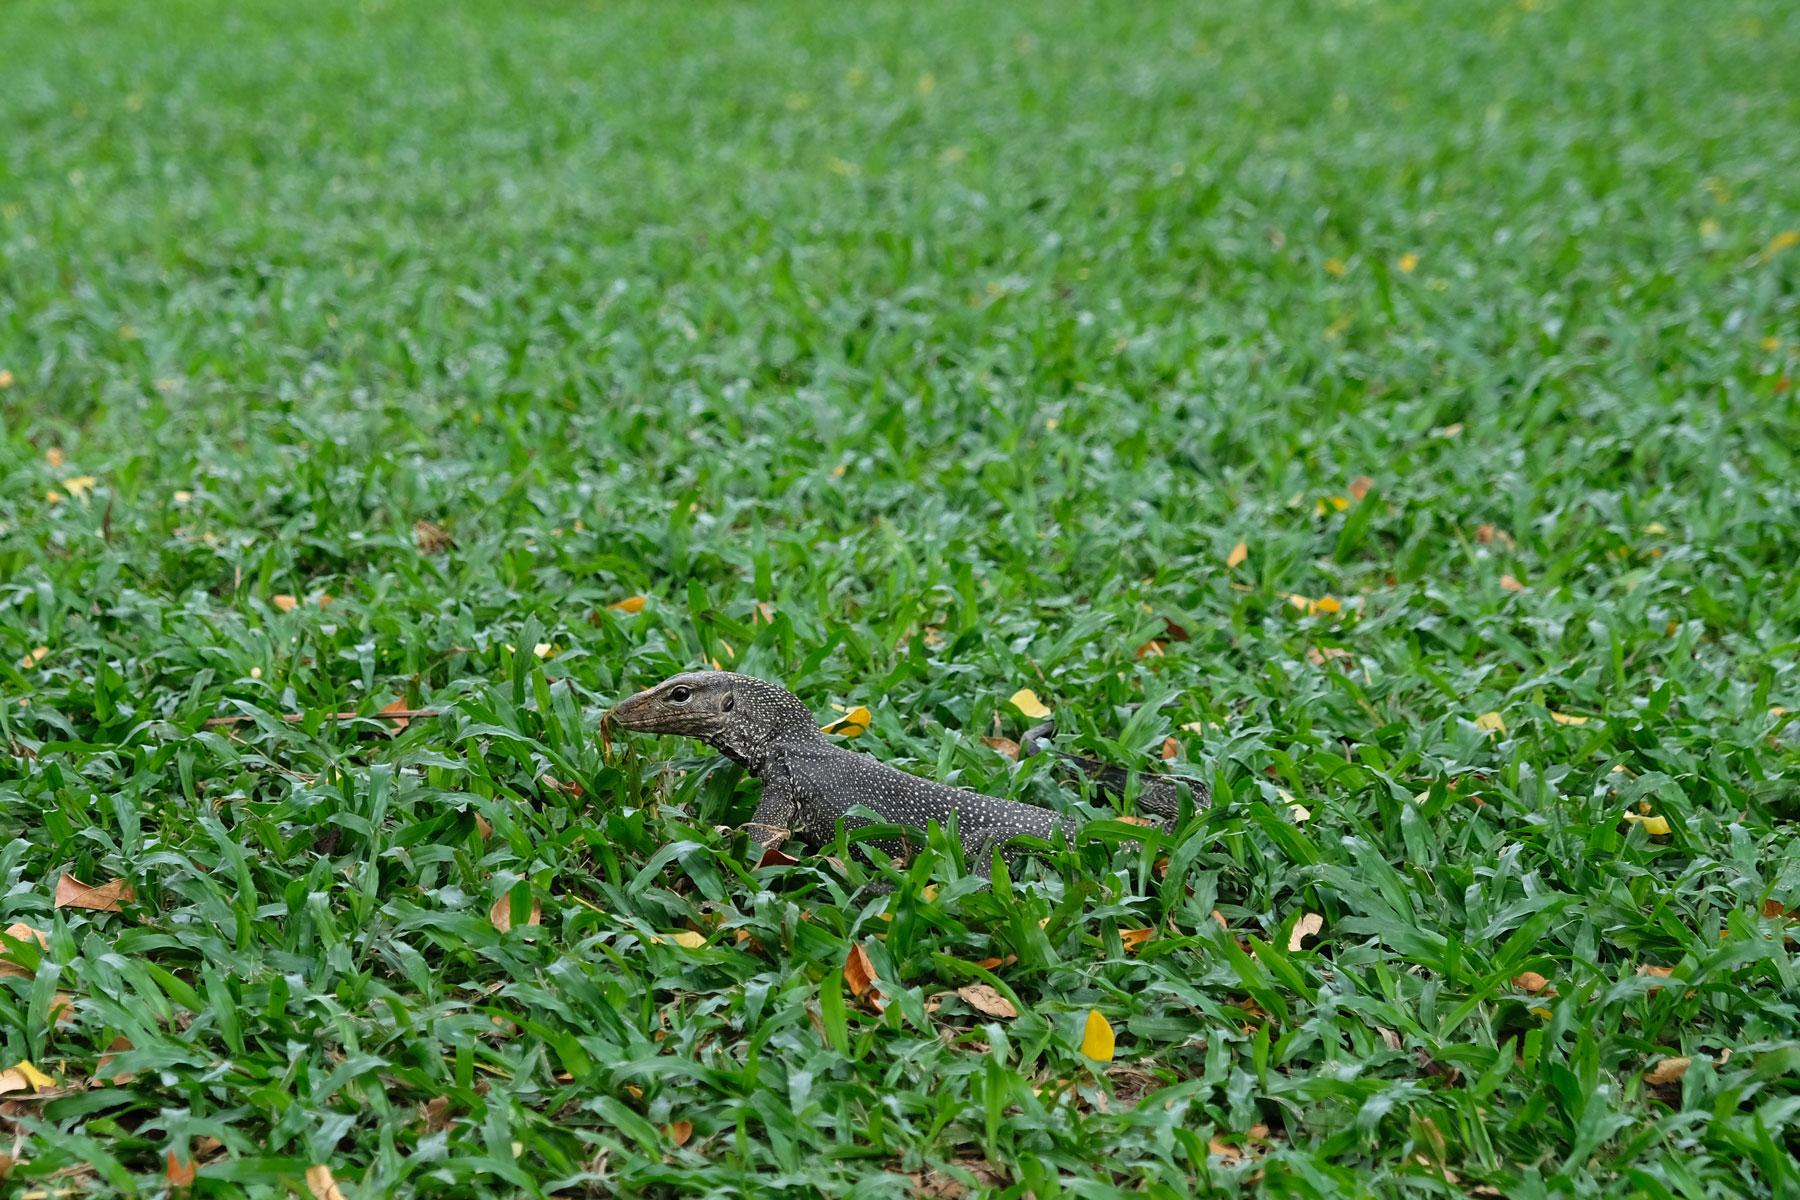 Ein kleiner Leguan im Gras